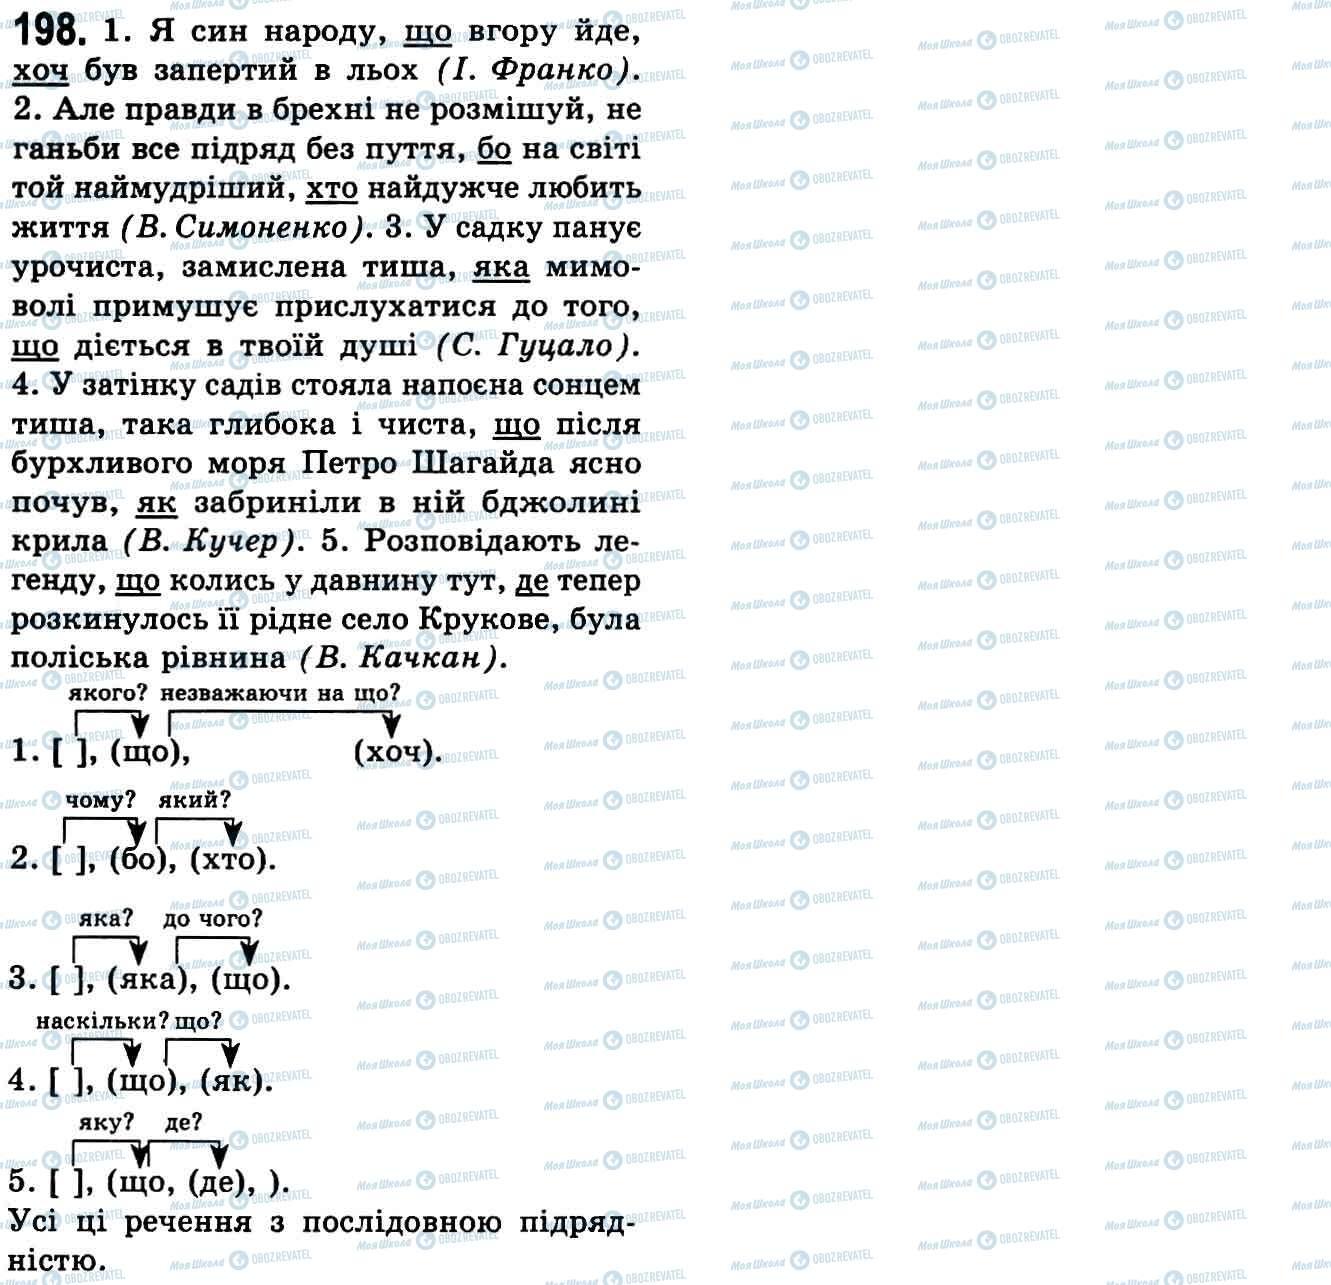 ГДЗ Українська мова 9 клас сторінка 198